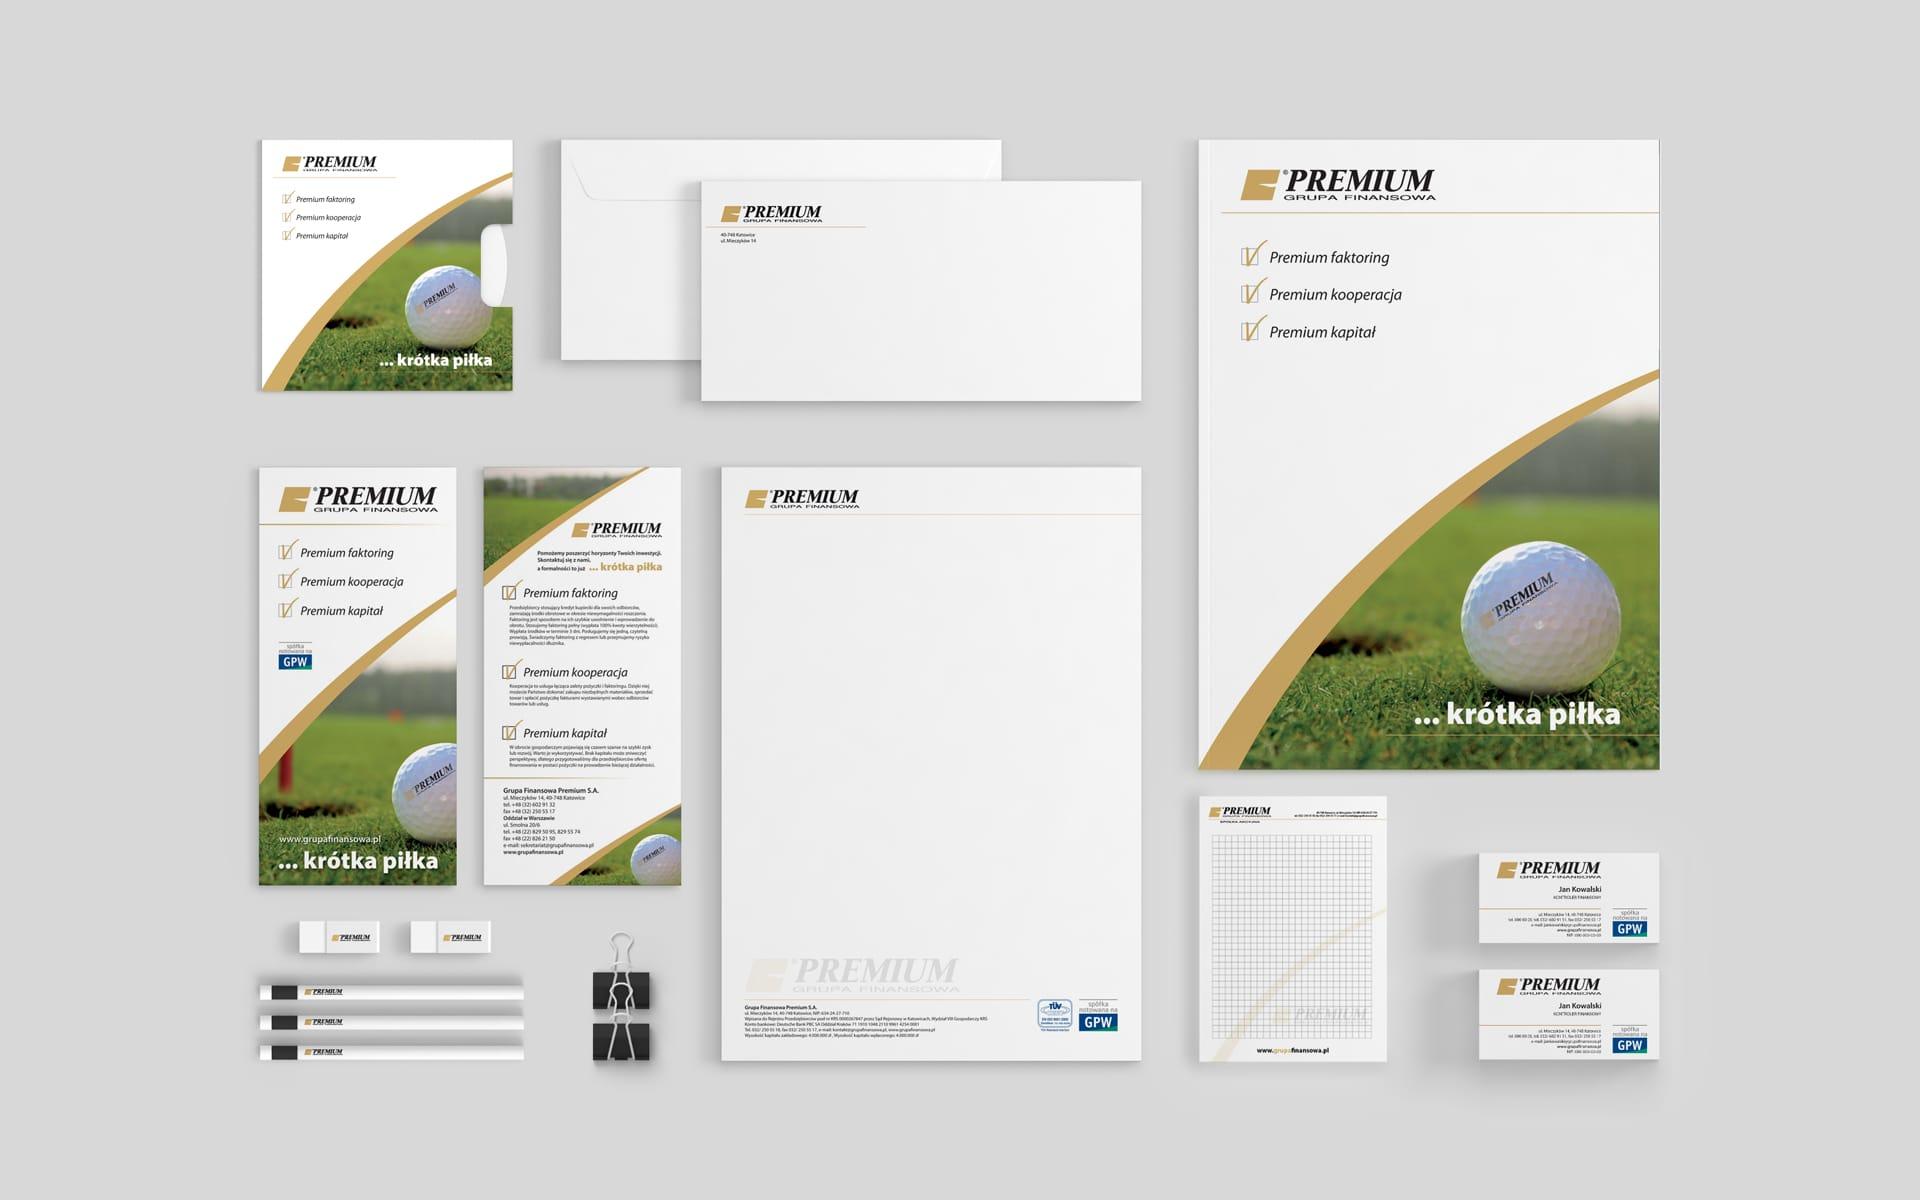 Grupa Finansowa Premium S.A. zestaw brandingowy, system identyfikacji wizualnej, teczki reklamowe, akcydensy firmowe, ulotki informacyjne, flagi, oznakowania samochodów firmowych, reklamy zewnętrzne, opracowanie stoiska targowego